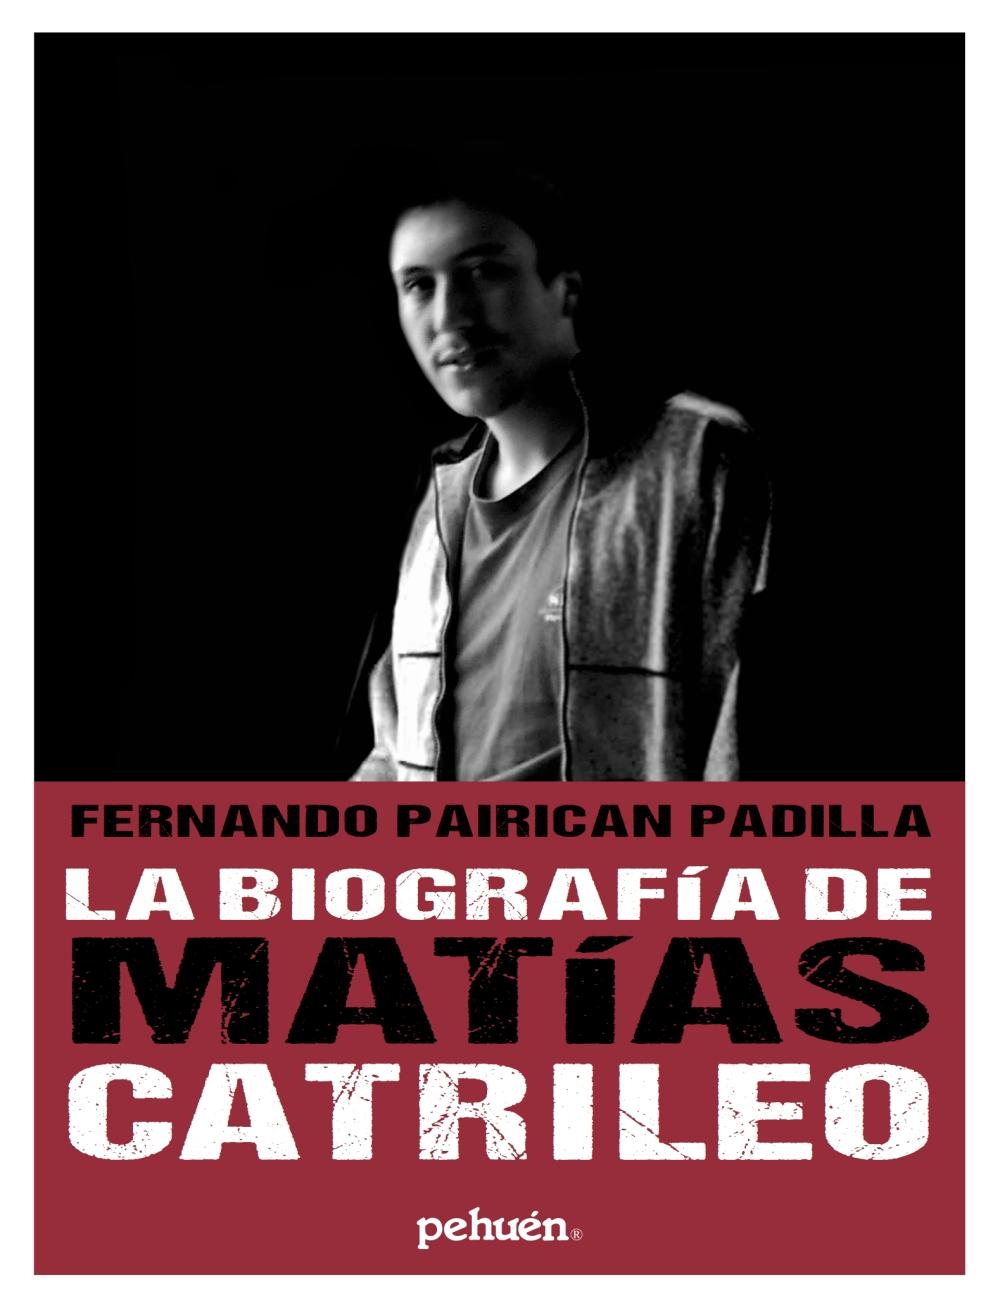 La biografía de Matías Catrileo Pehuén Editores